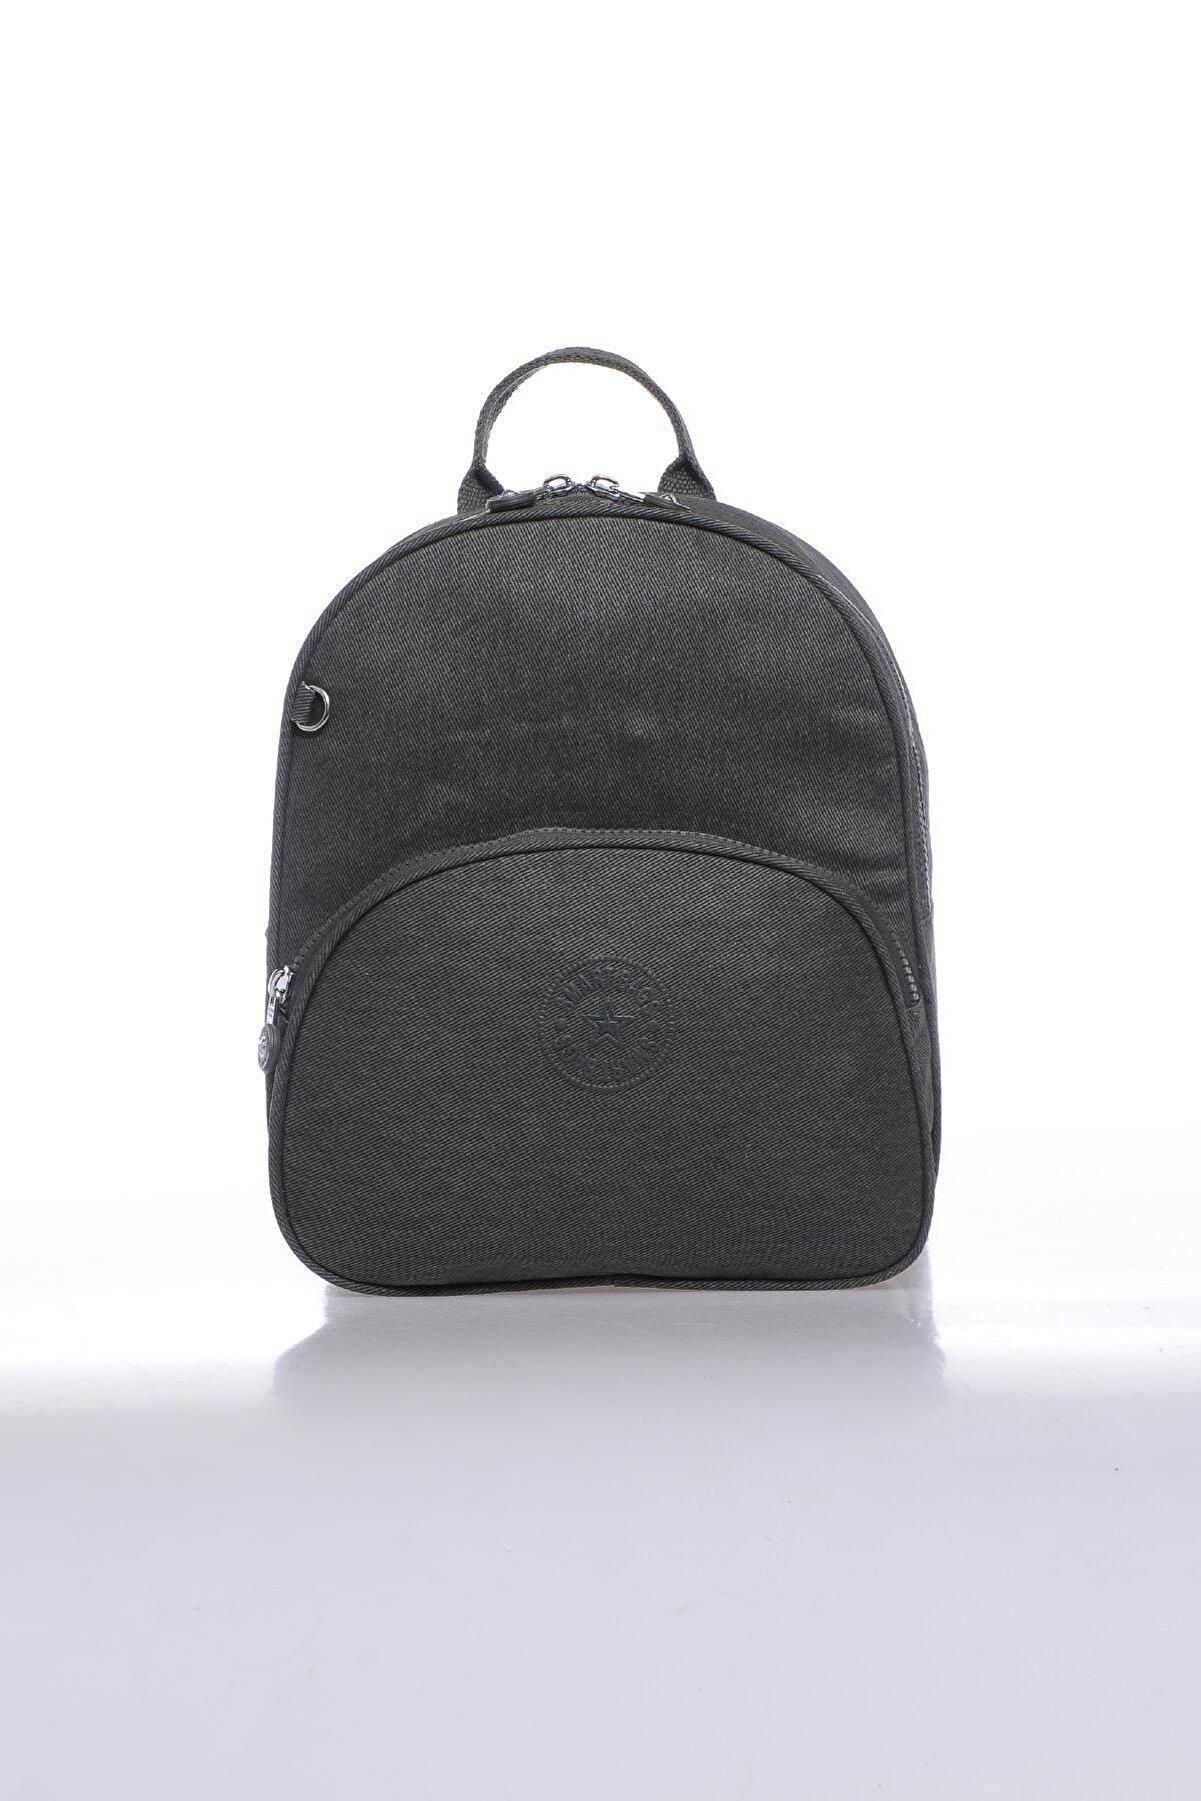 Smart Bags Smbkk3061-1001 Antrasit Kadın Sırt Çantası